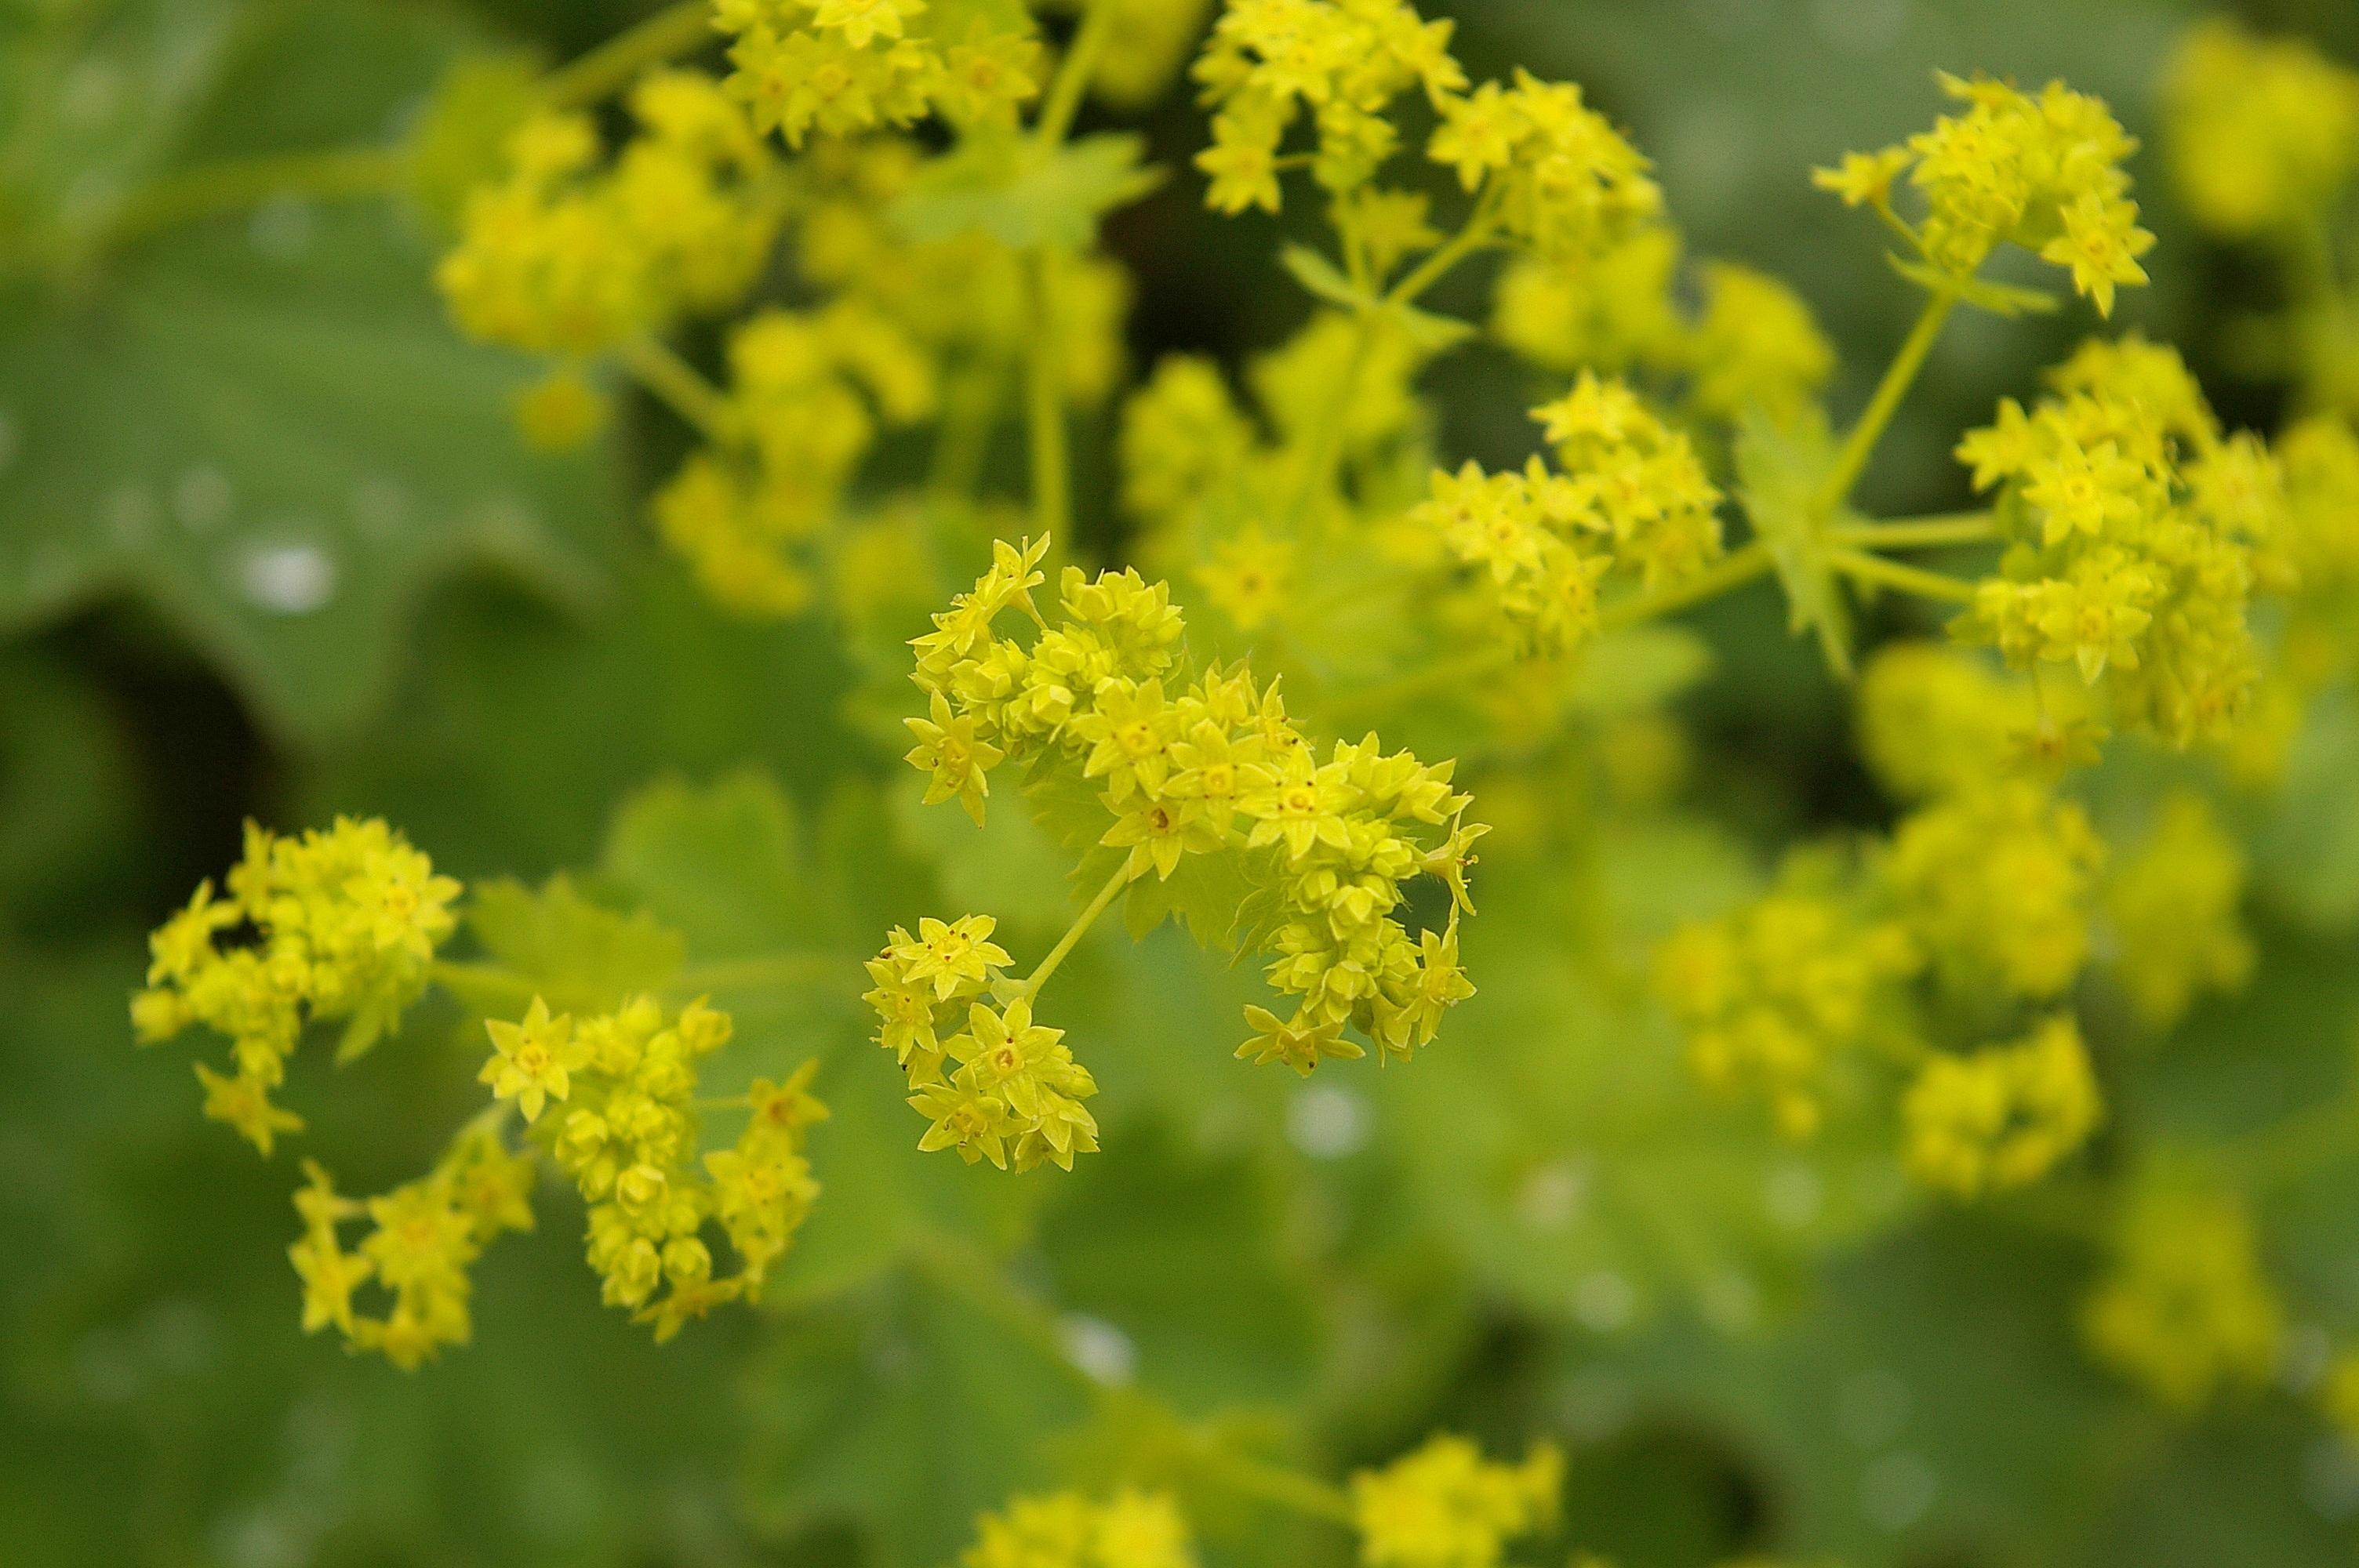 free images nature blossom bloom summer food herb. Black Bedroom Furniture Sets. Home Design Ideas